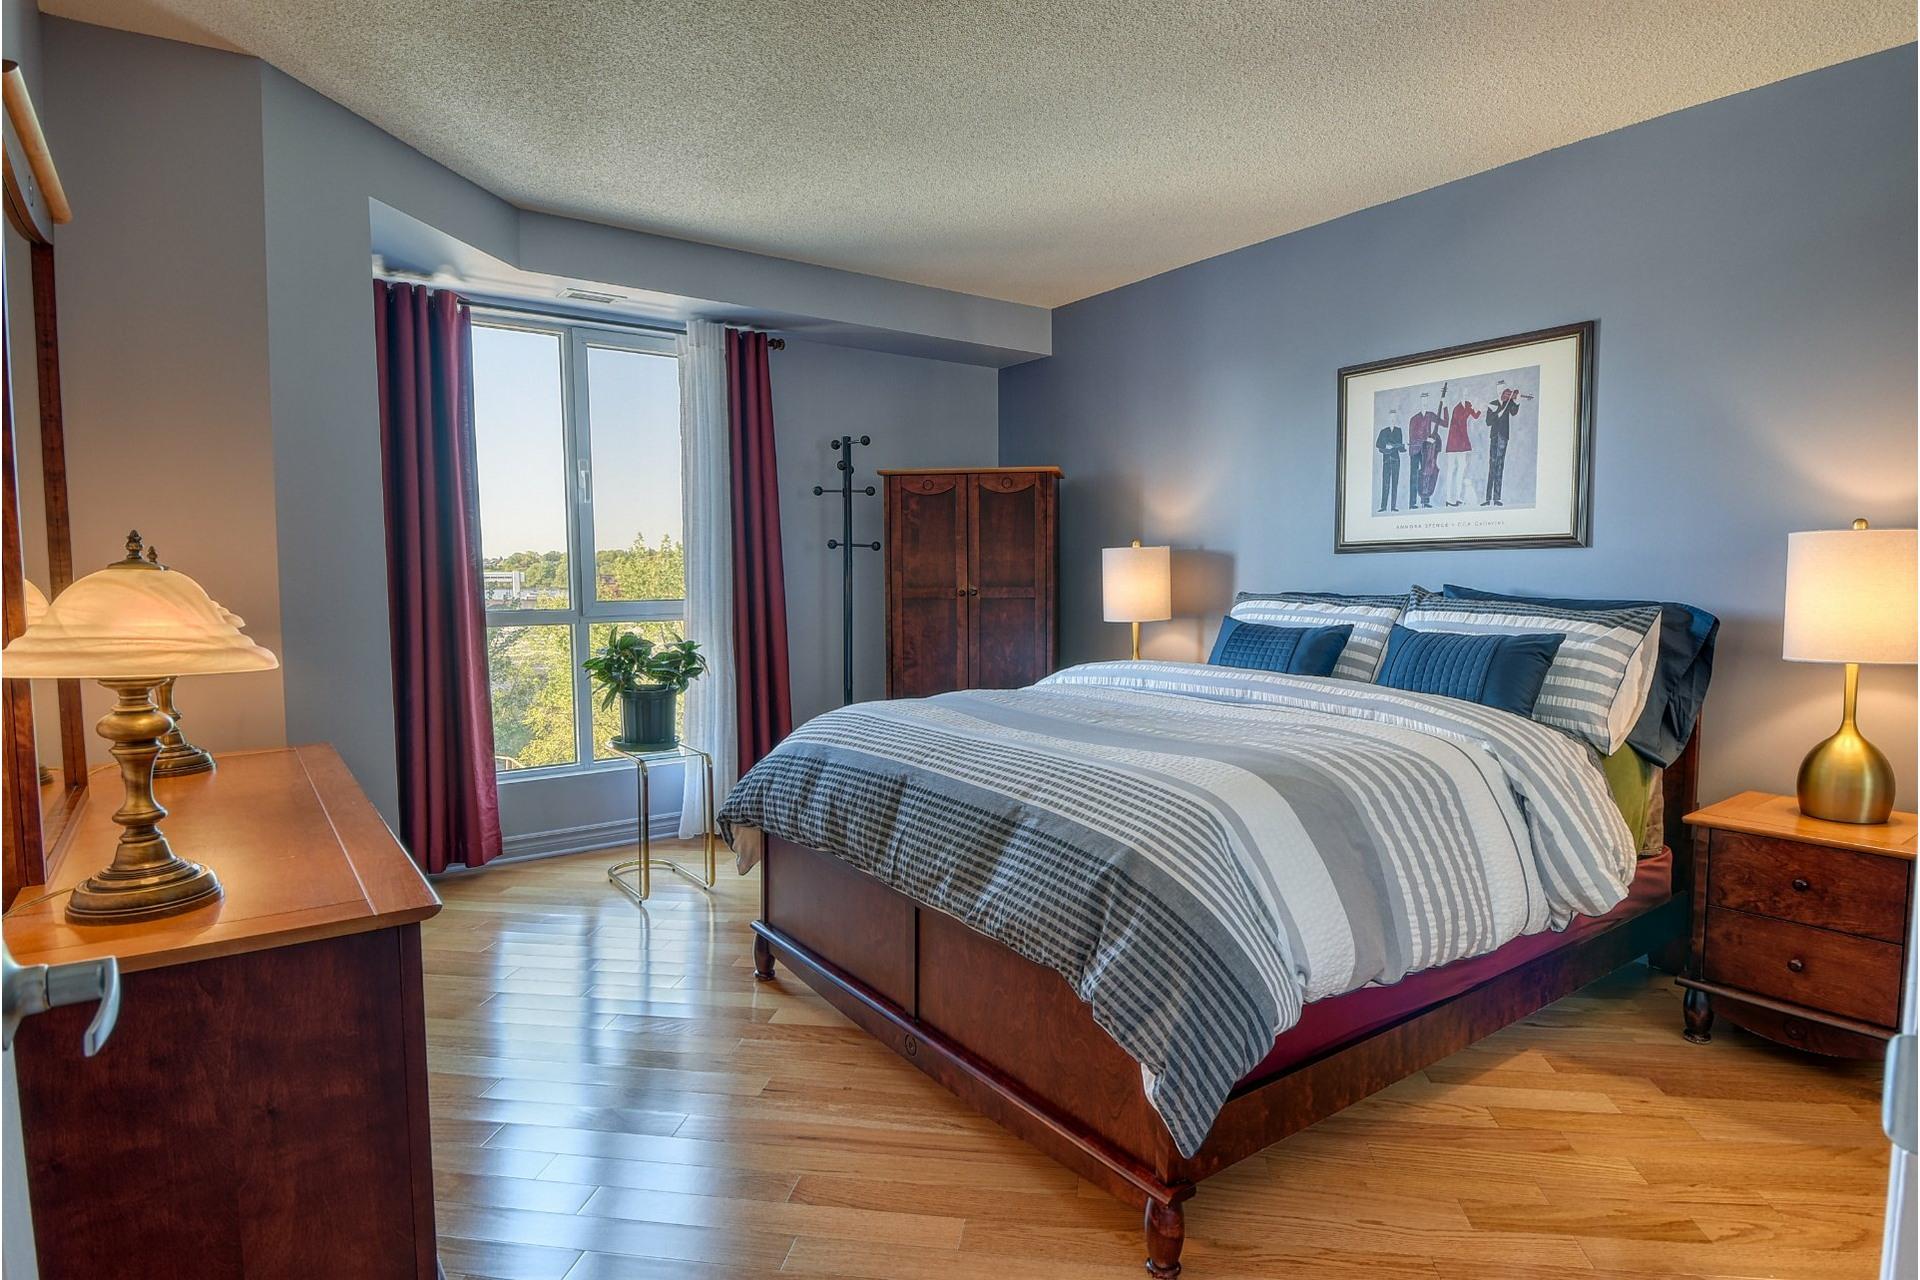 image 12 - Appartement À vendre Montréal-Nord Montréal  - 4 pièces